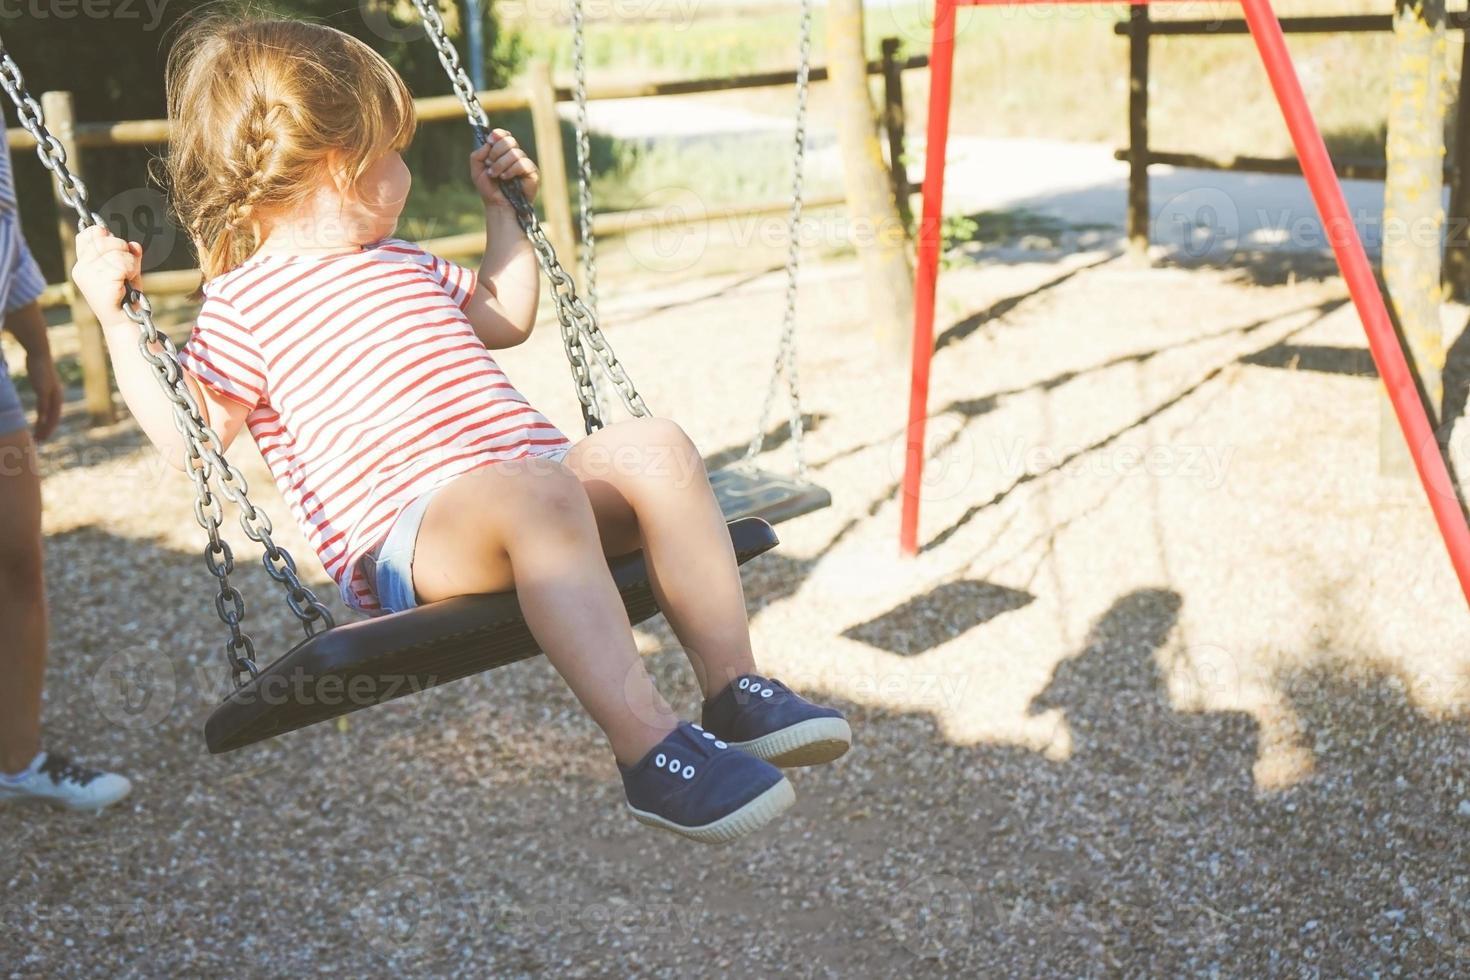 ragazza su un'altalena al parco foto